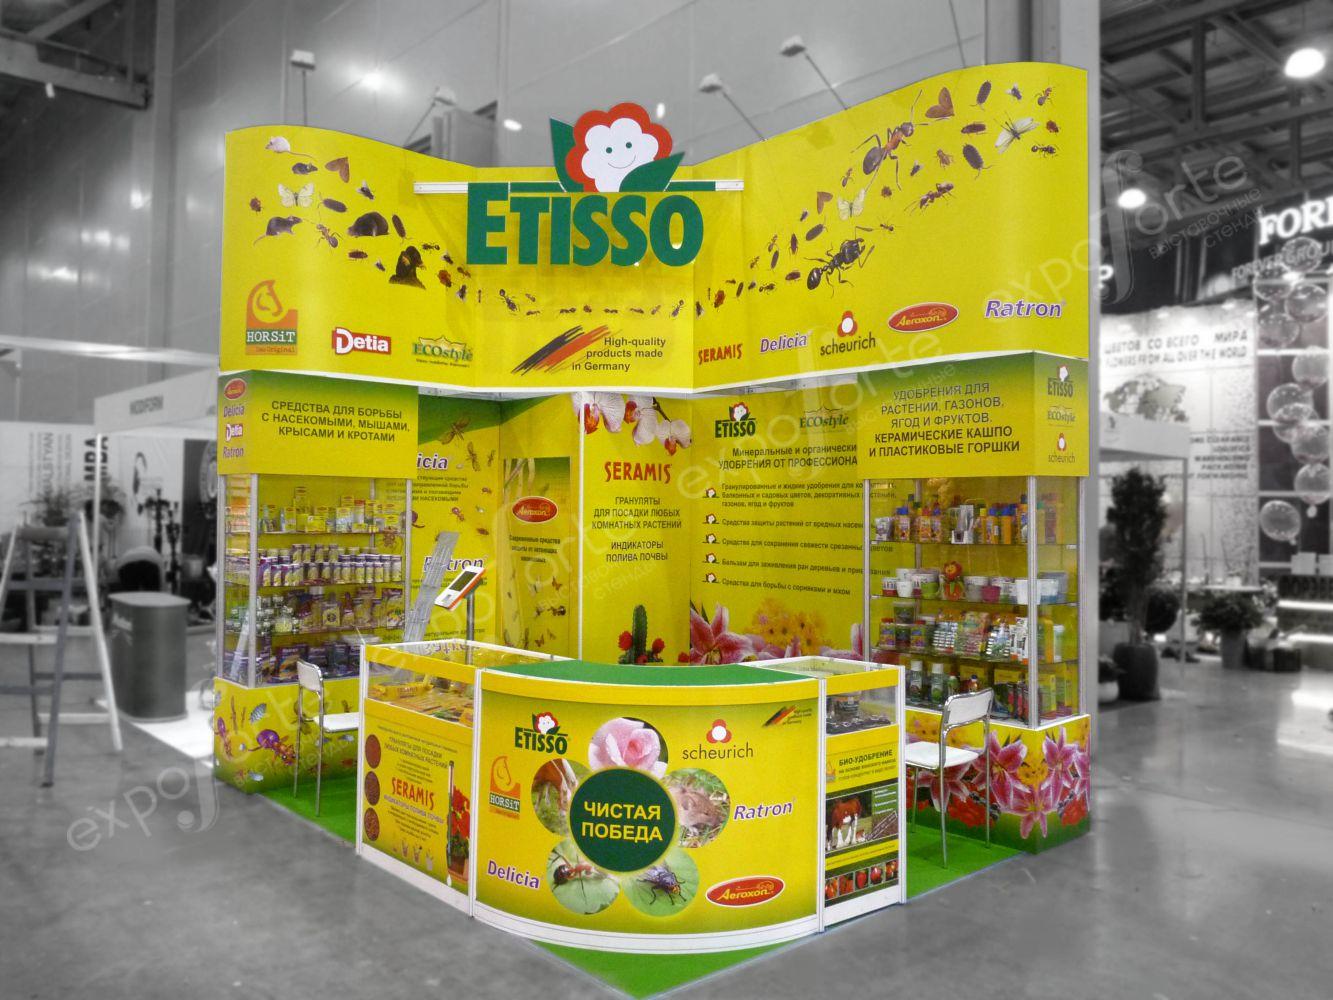 Фото: ETISSO, выставка ЦВЕТЫ – картинка 1